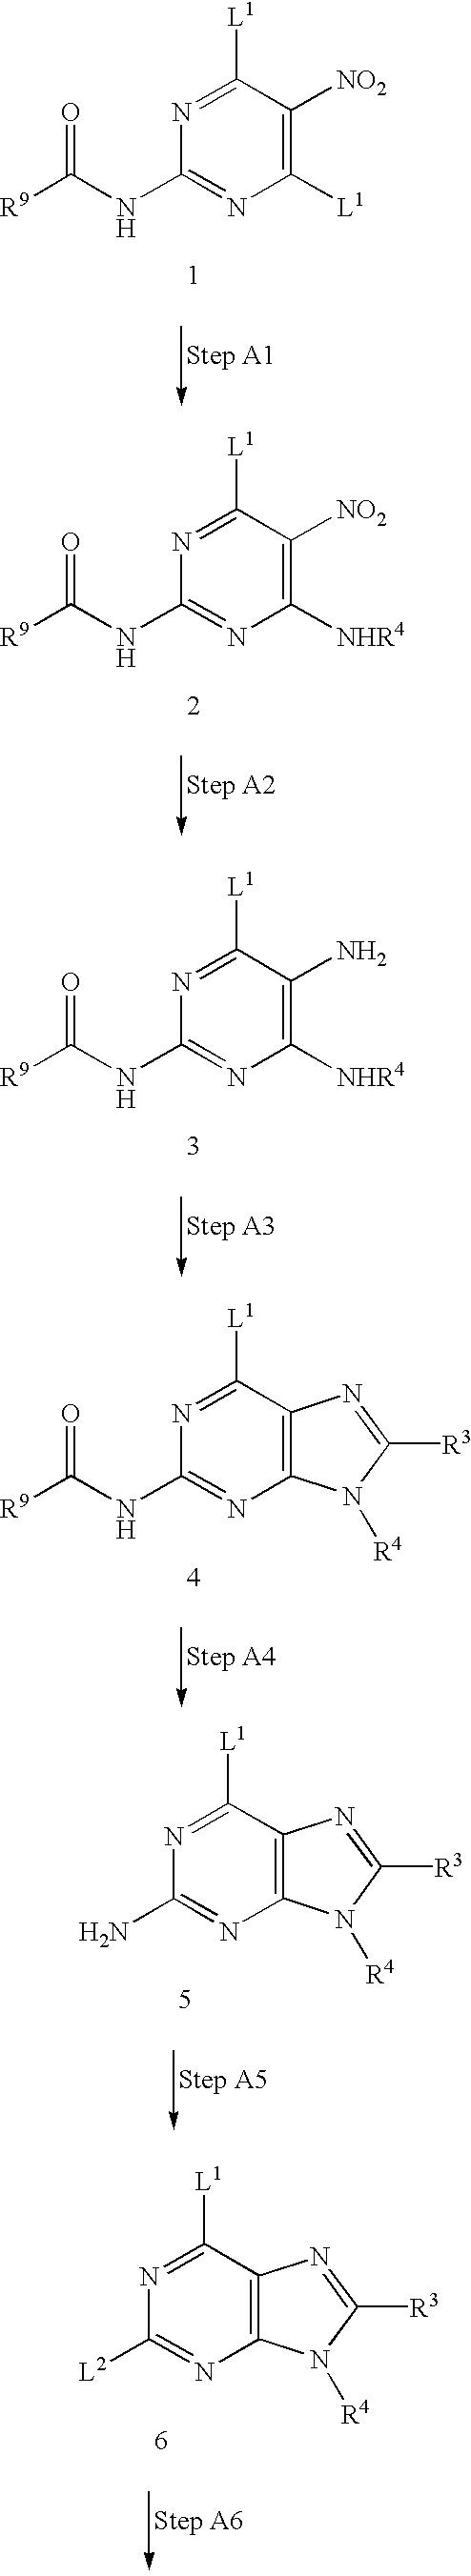 Figure US06579868-20030617-C00013